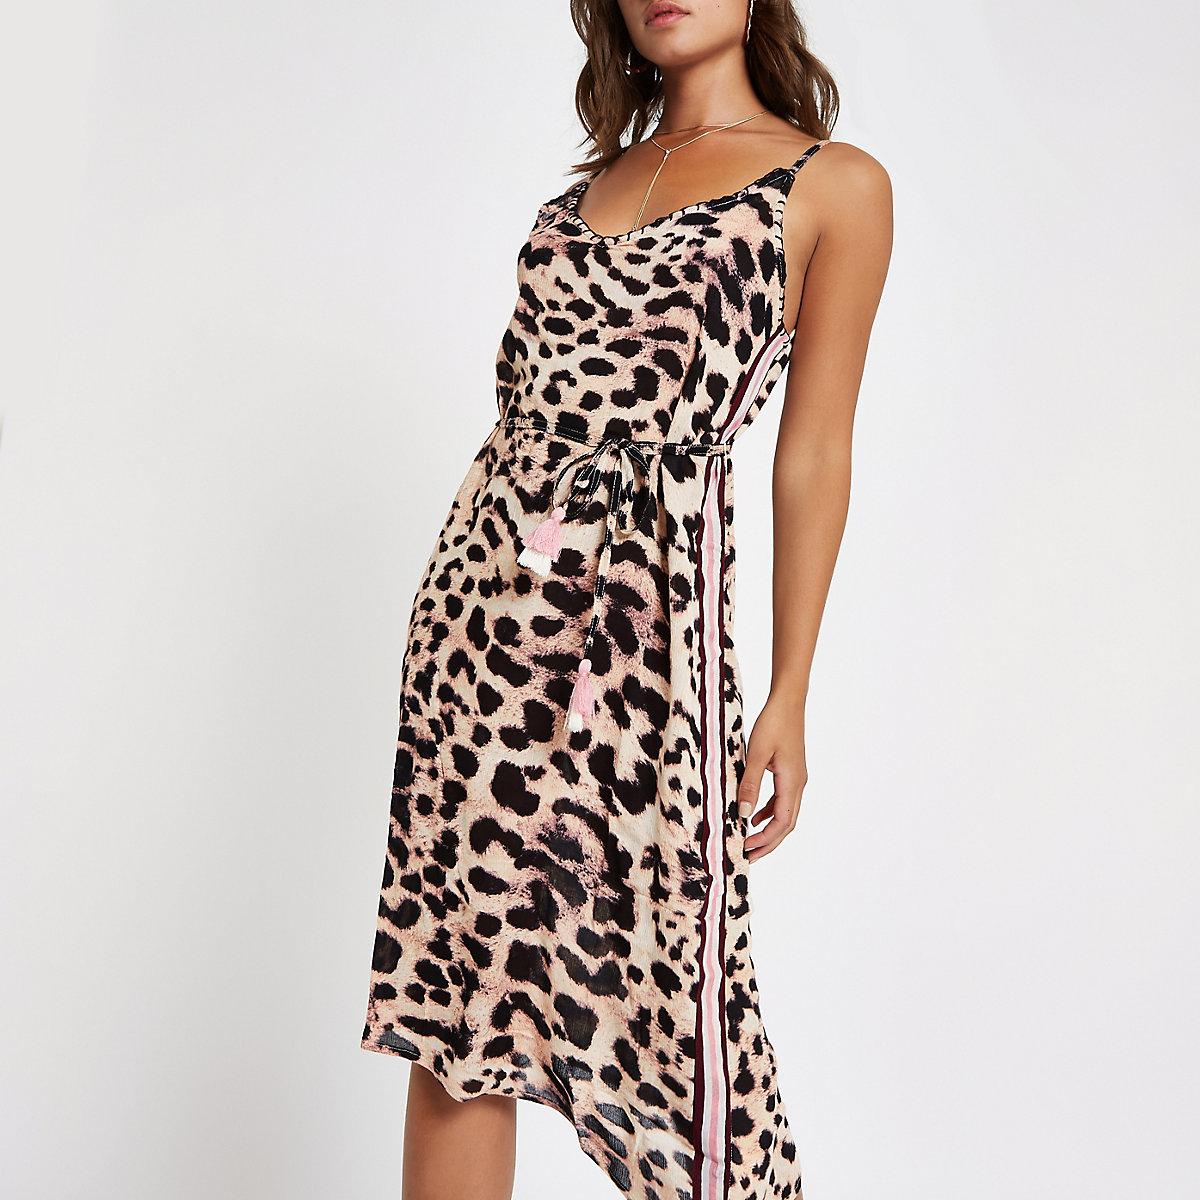 d30a320468 Brown leopard print asymmetric beach dress - Kaftans   Beach Cover-Ups -  Swimwear   Beachwear - women